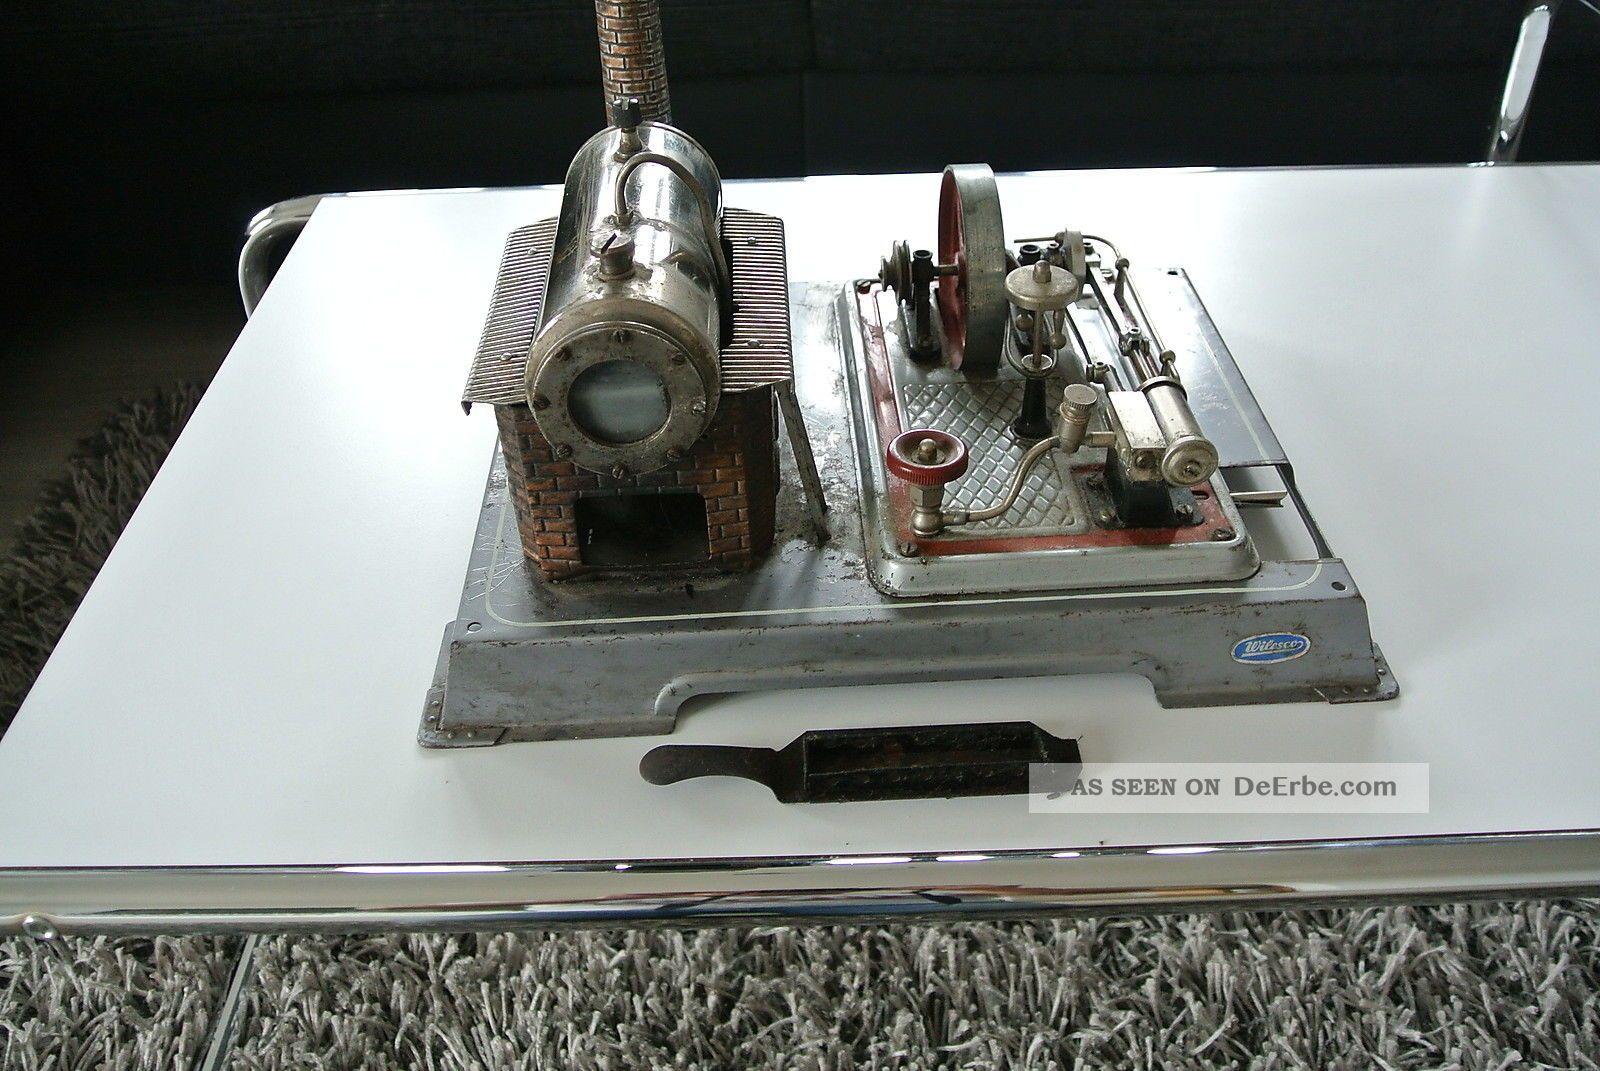 Alte Wilesco Dampfmaschine,  Schöner Gebrauchter,  60er Jahre Oder Früher Gefertigt nach 1945 Bild